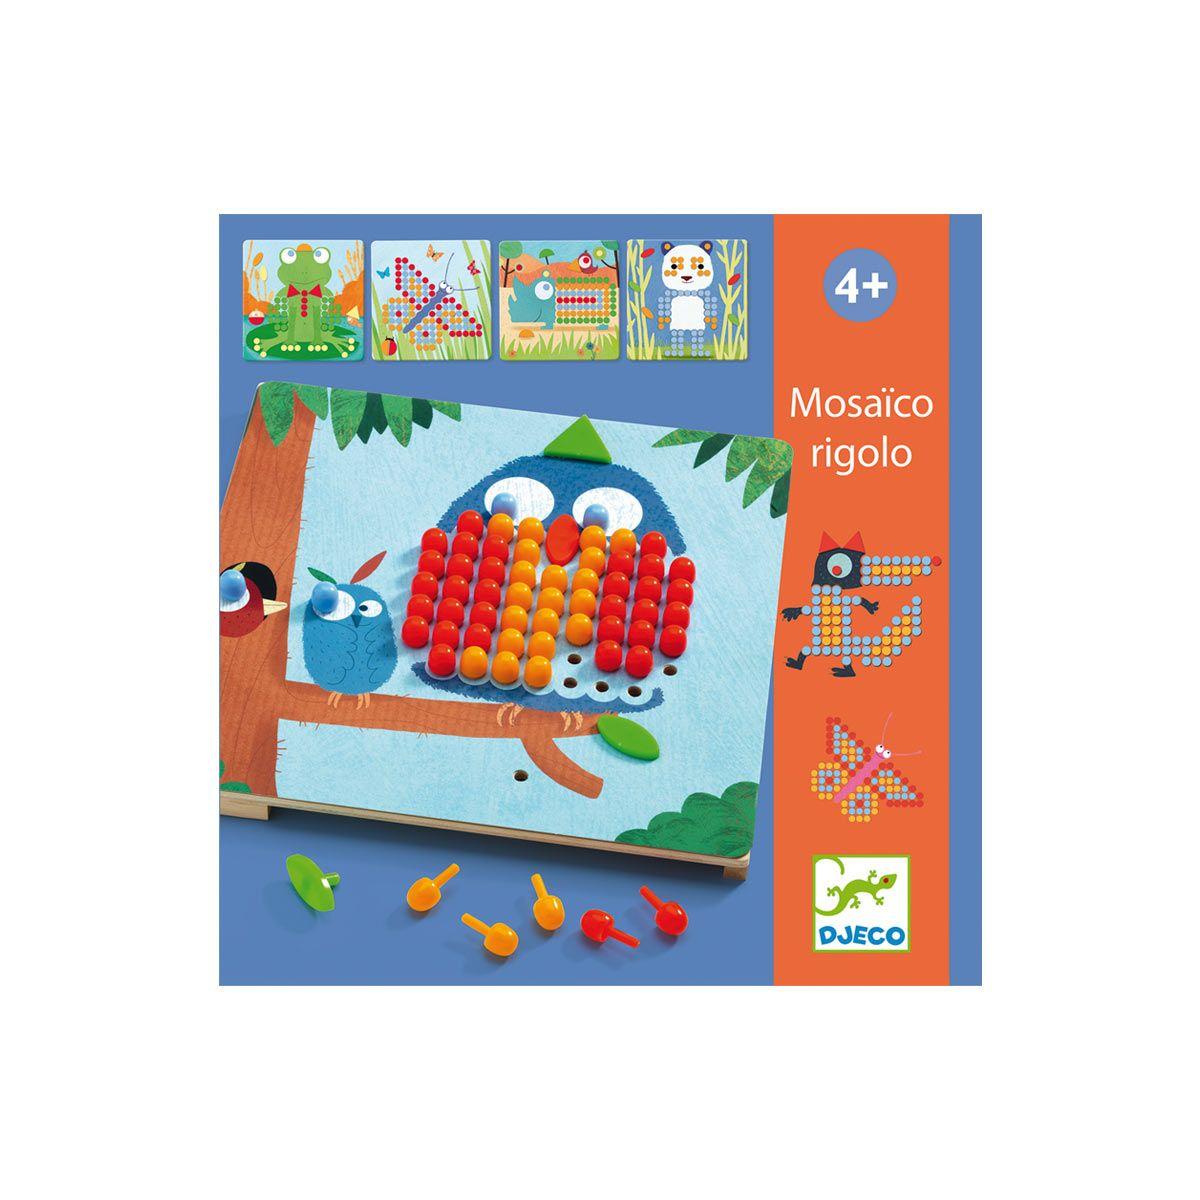 Jeu Éducatif Mosaïco Rigolo Djeco Pour Enfant De 3 Ans À 6 encequiconcerne Jeux Educatif 3 Ans